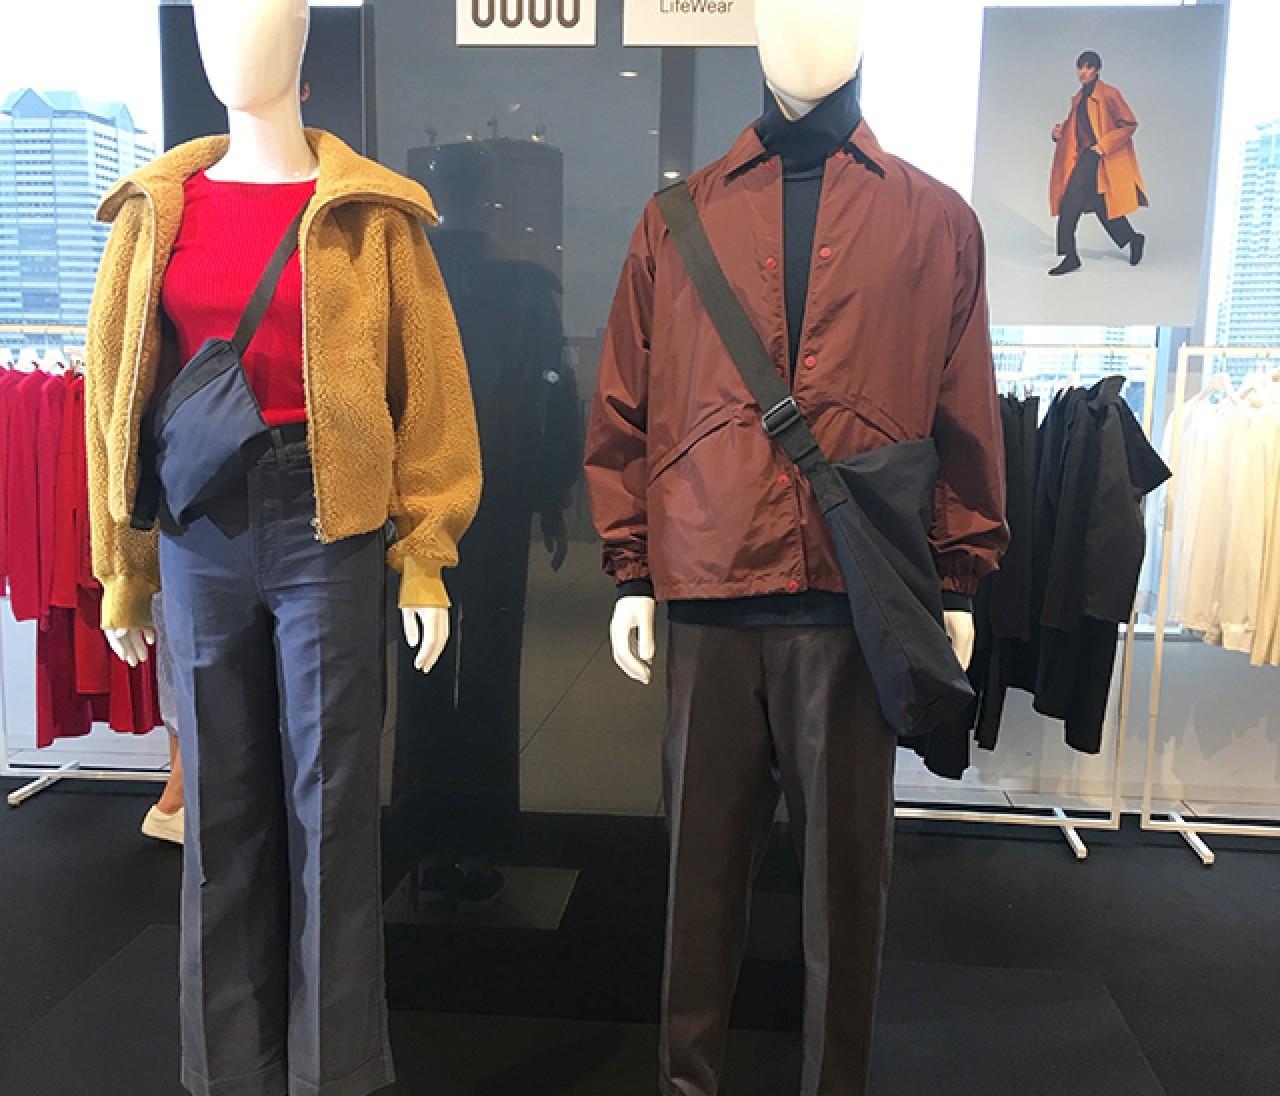 ユニクロの展示会ニュースがワンツーフィニッシュ!【1週間の人気記事TOP5】